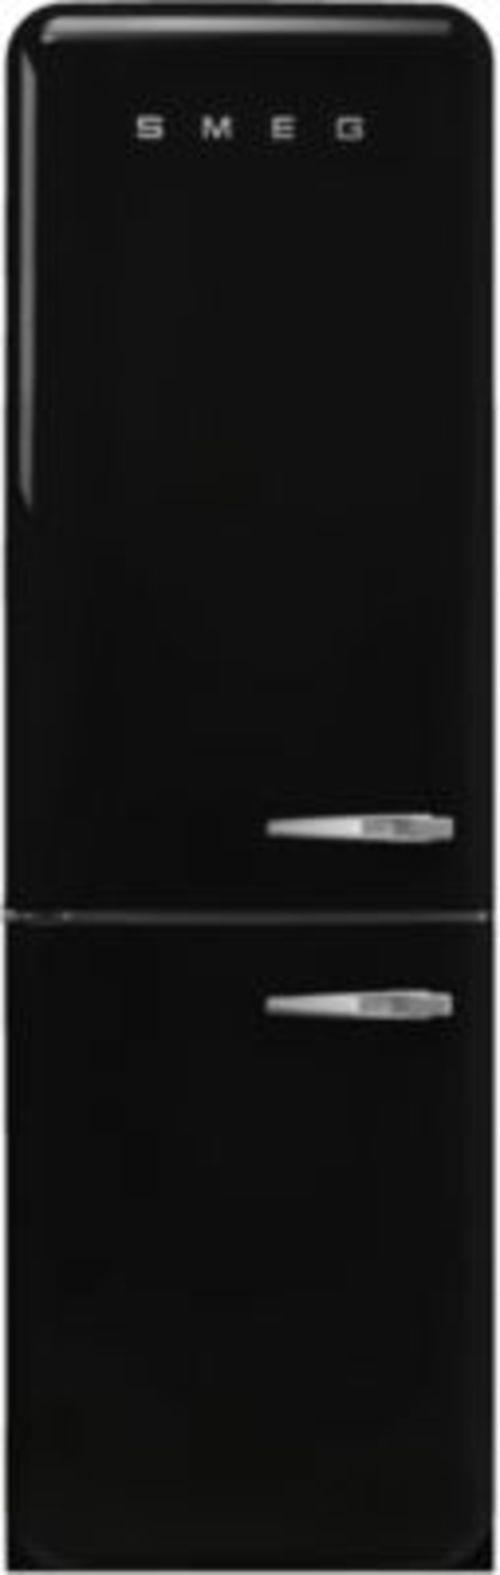 Réfrigérateurs congélateurs (combinés et 2 portes) - SMEG FAB32LBL3 (Noir)